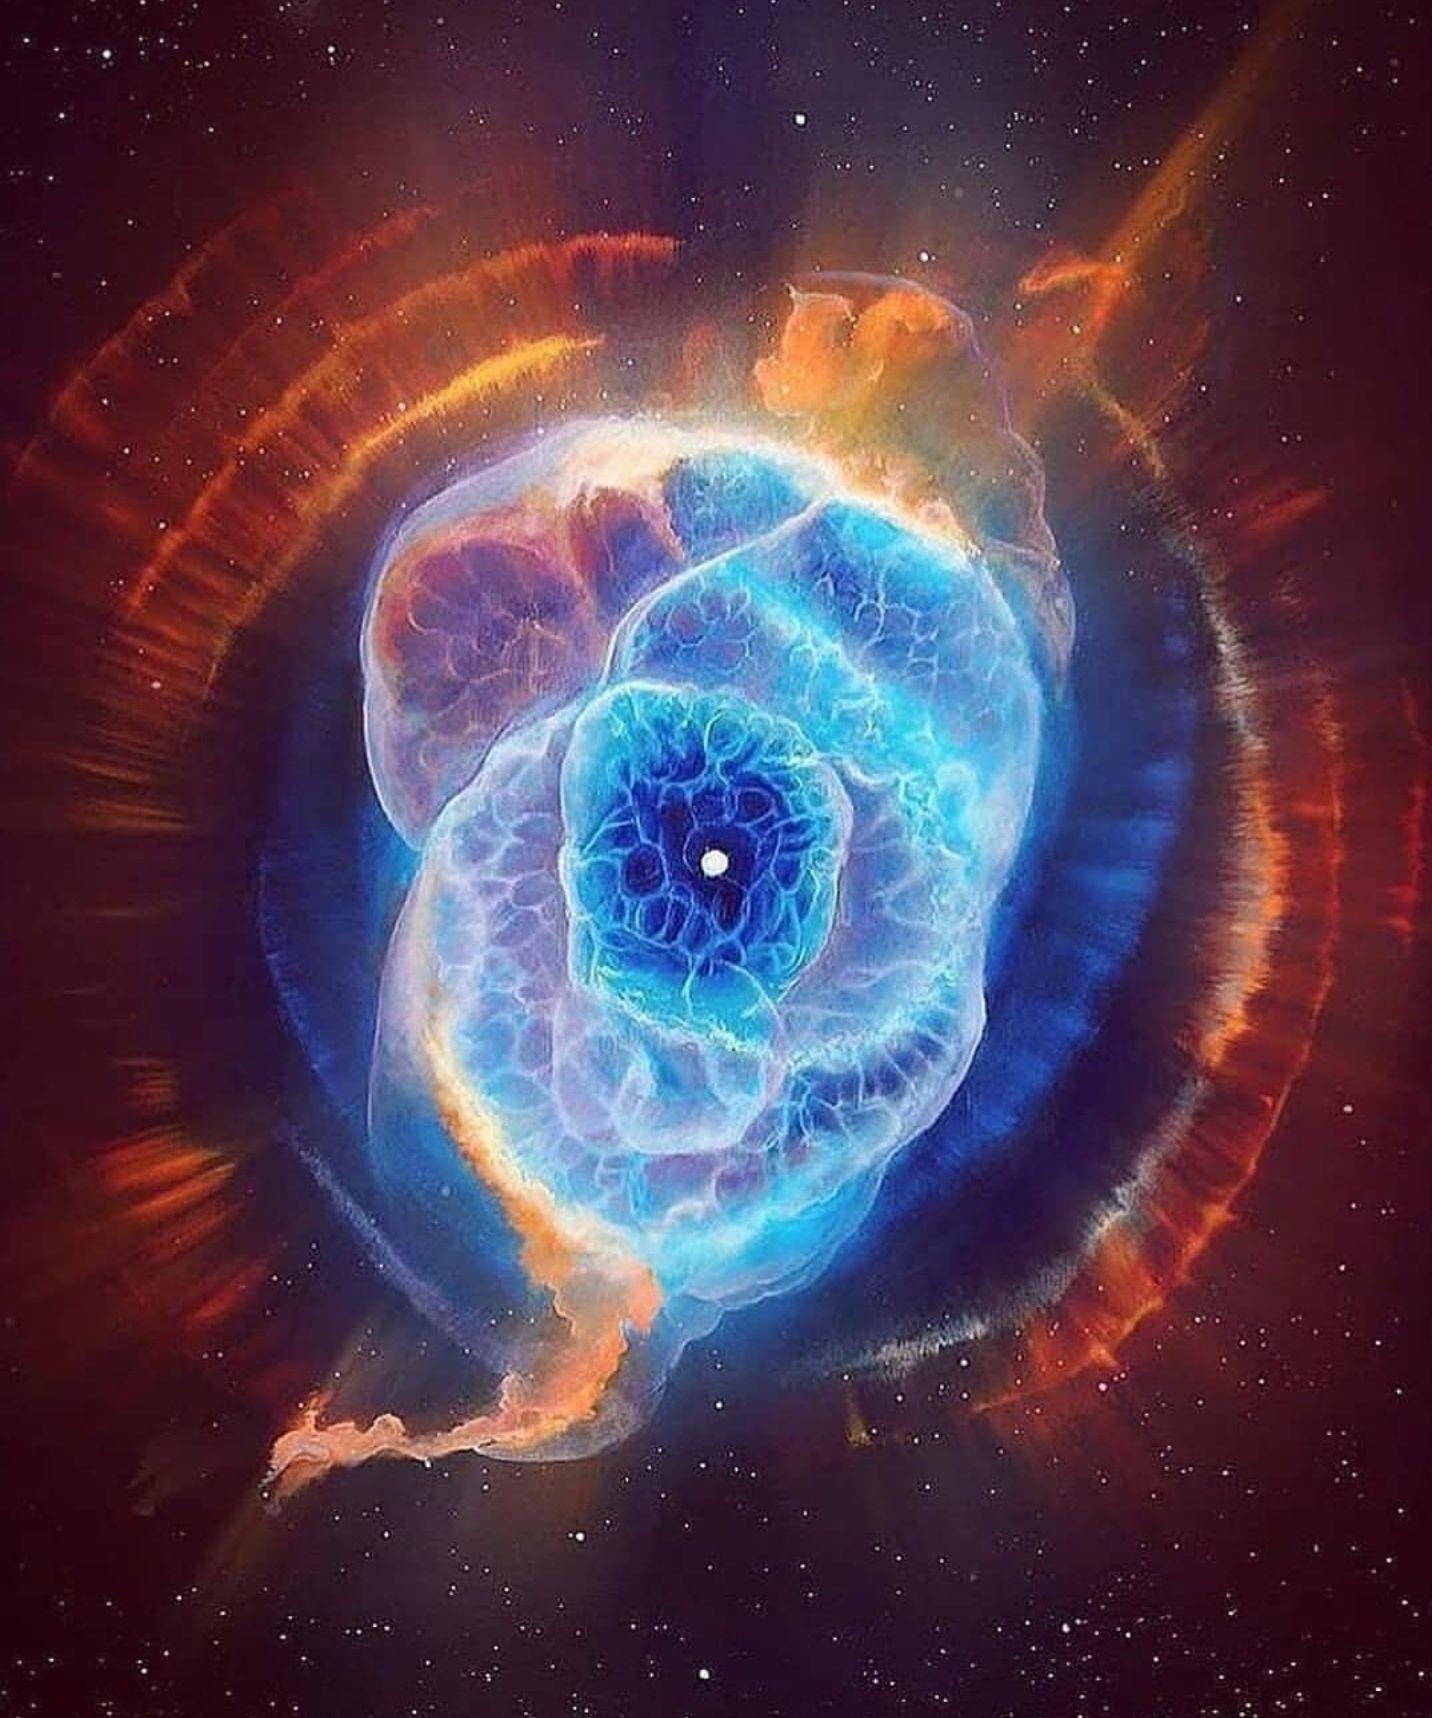 Environmental science nebula cats eye nebula, carina